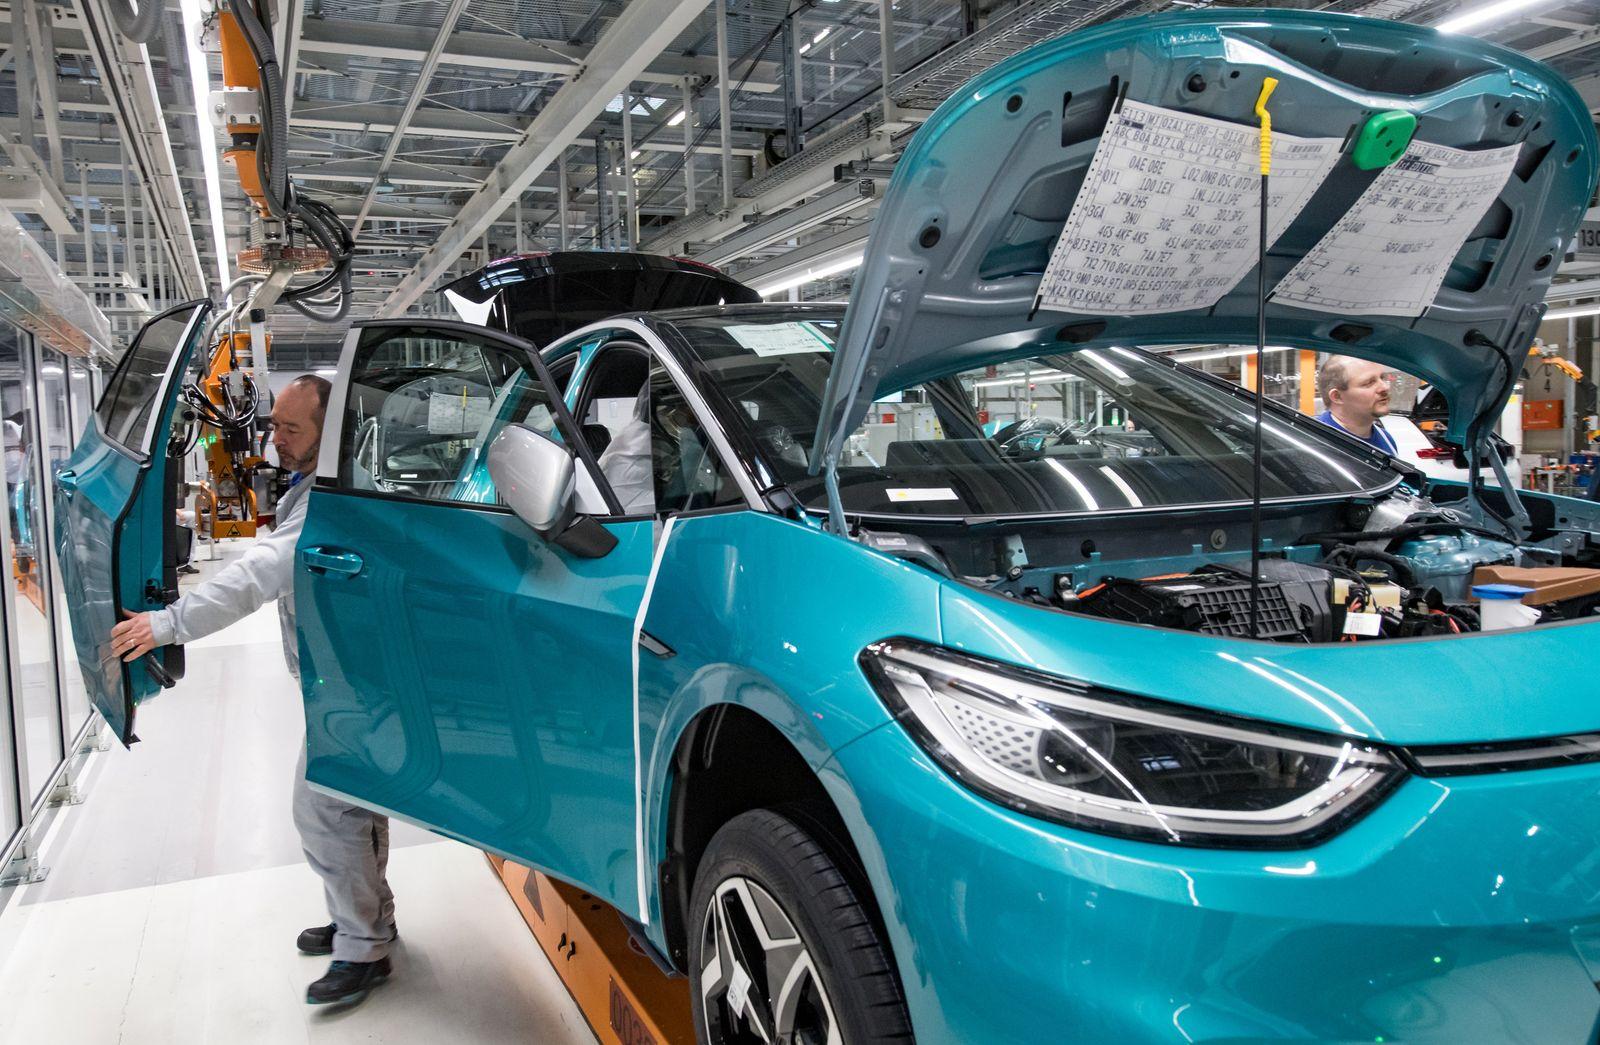 Produktion Volkswagen ID.3 in Zwickau